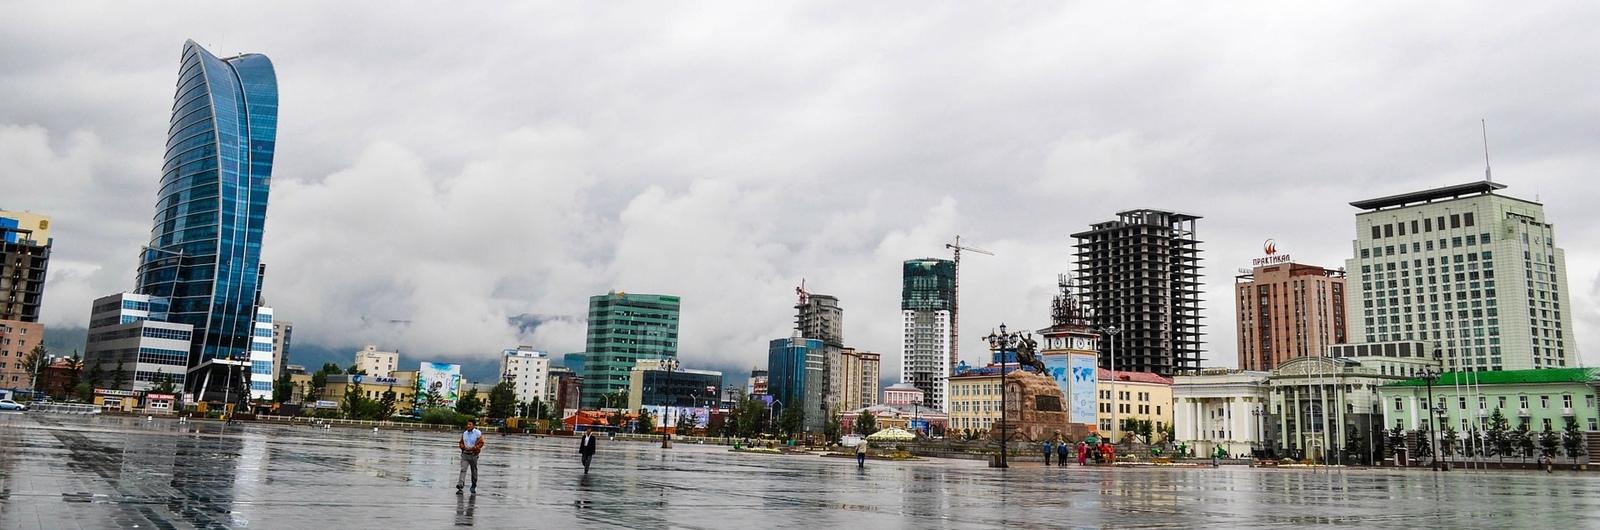 ulaanbaatar city header